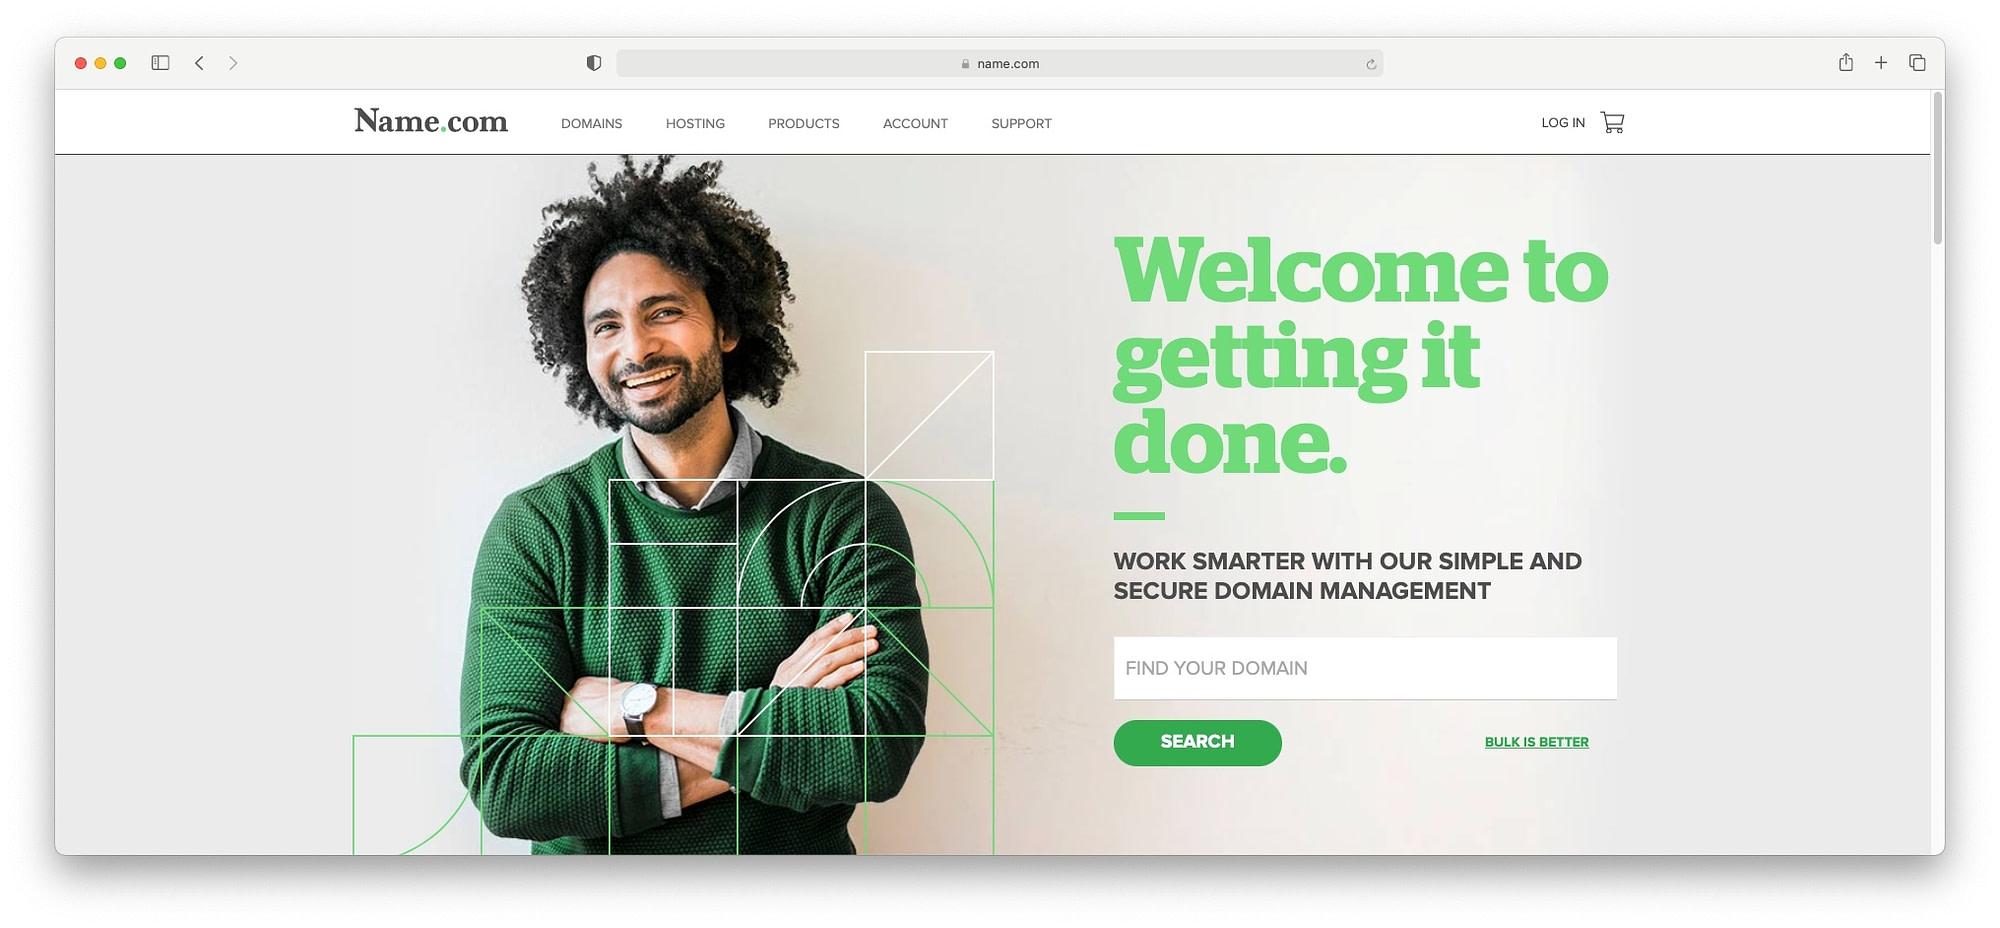 Name.com homepage.